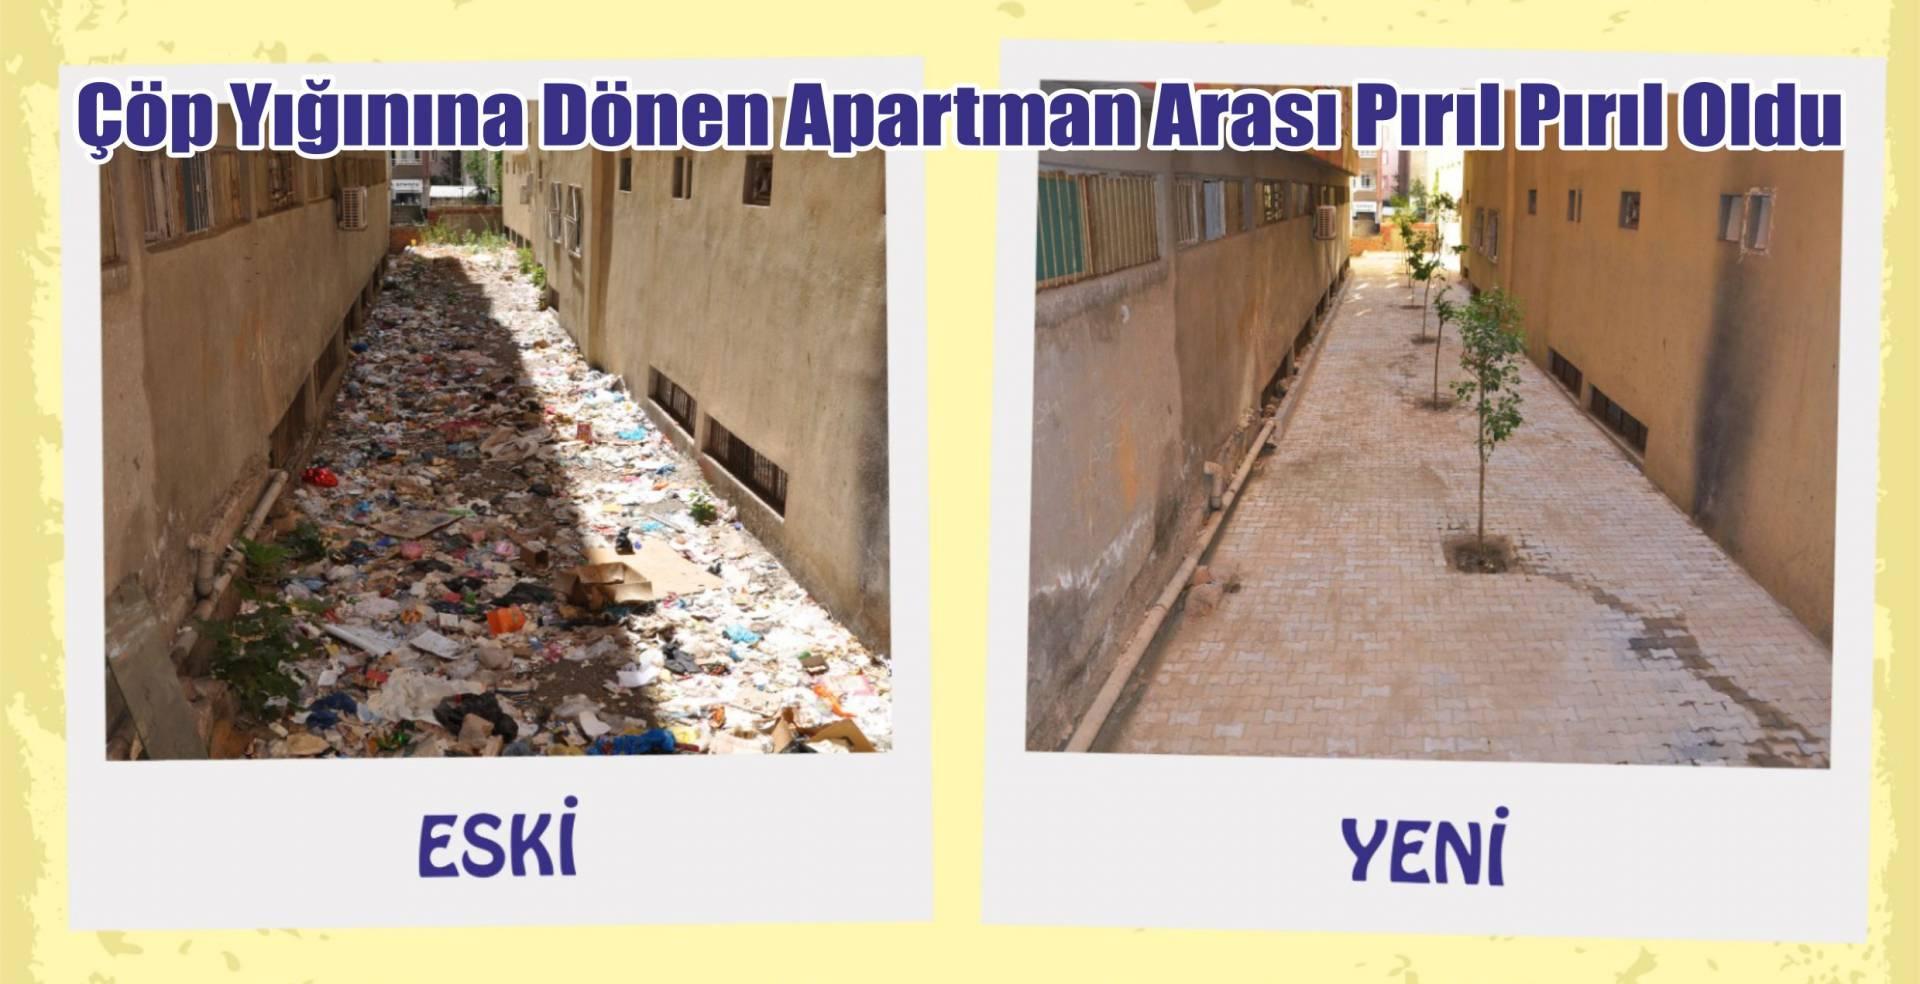 Belediyeden apartman arası temizliği